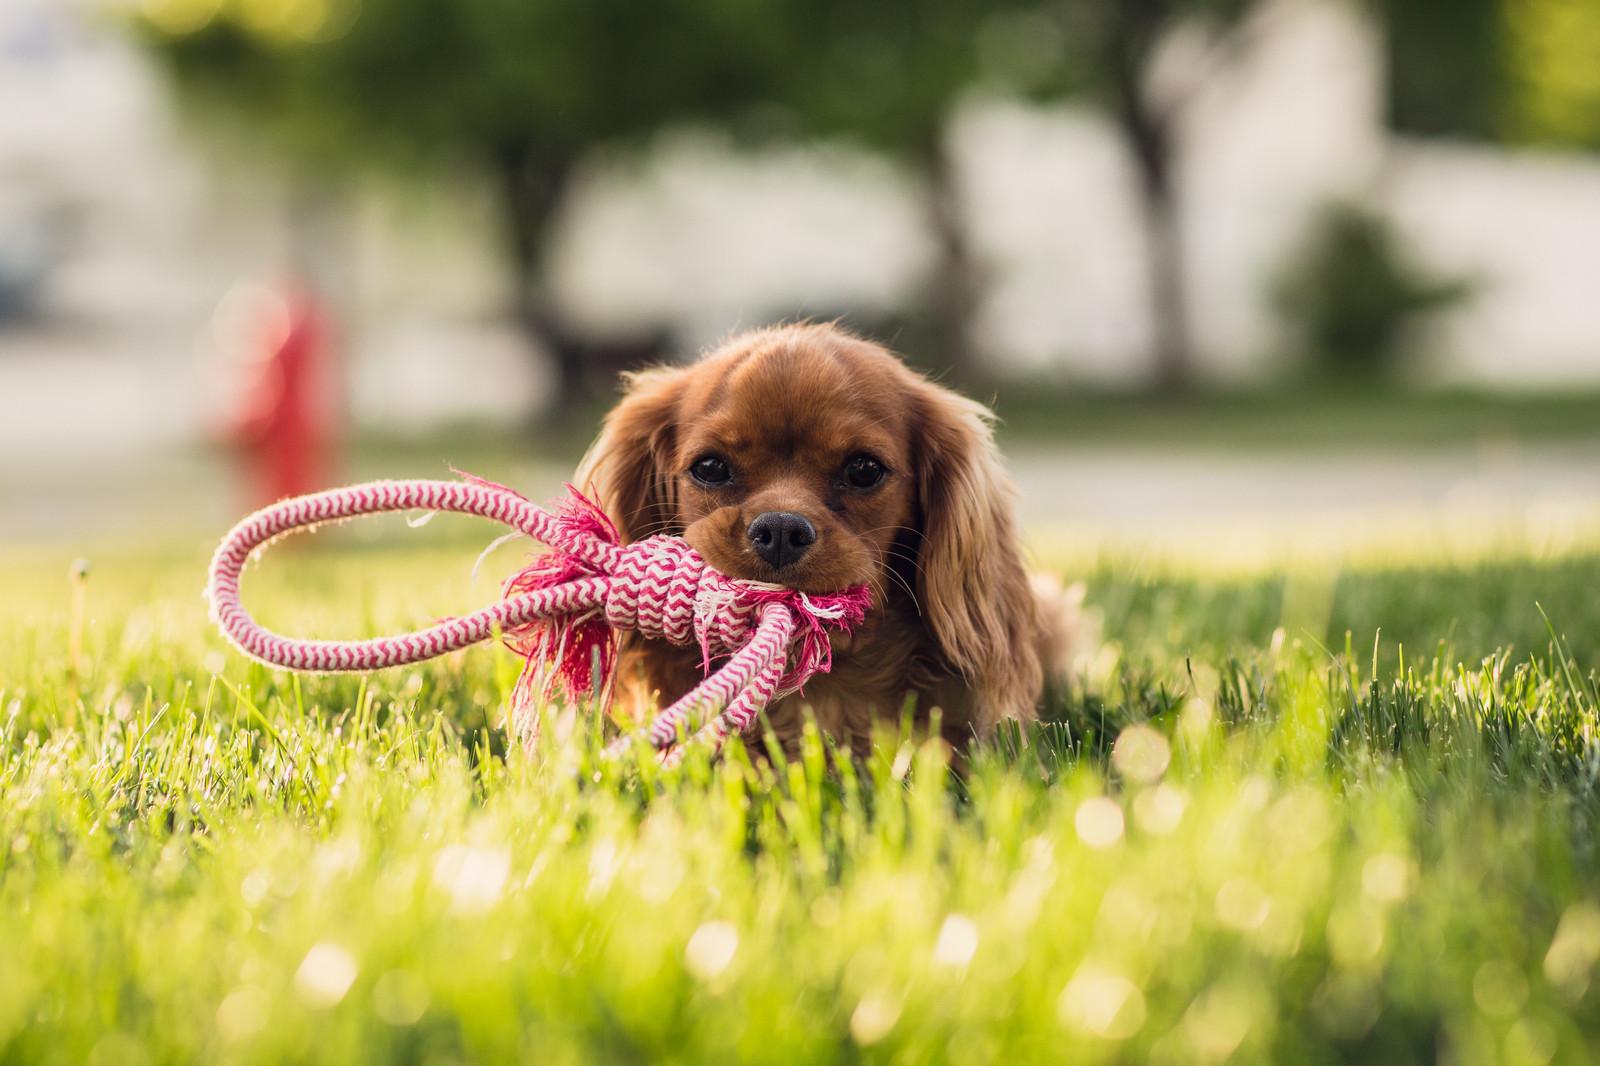 Картинка самой милой собаки